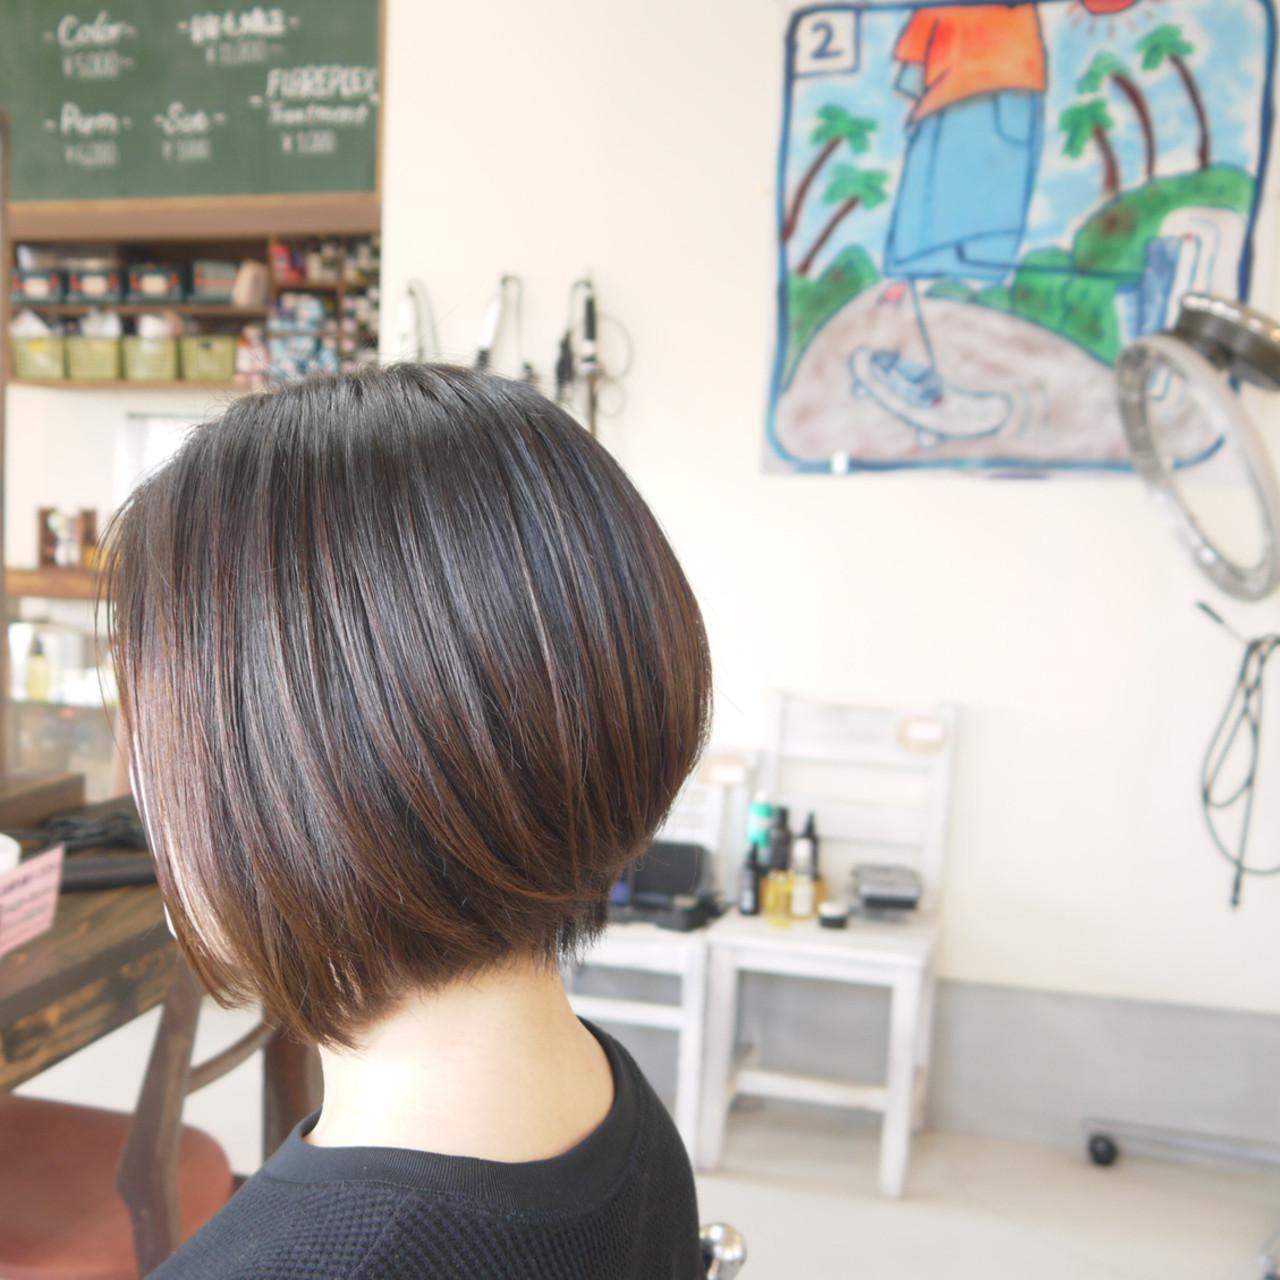 ナチュラル 前下がりショート ボブ ショートボブ ヘアスタイルや髪型の写真・画像